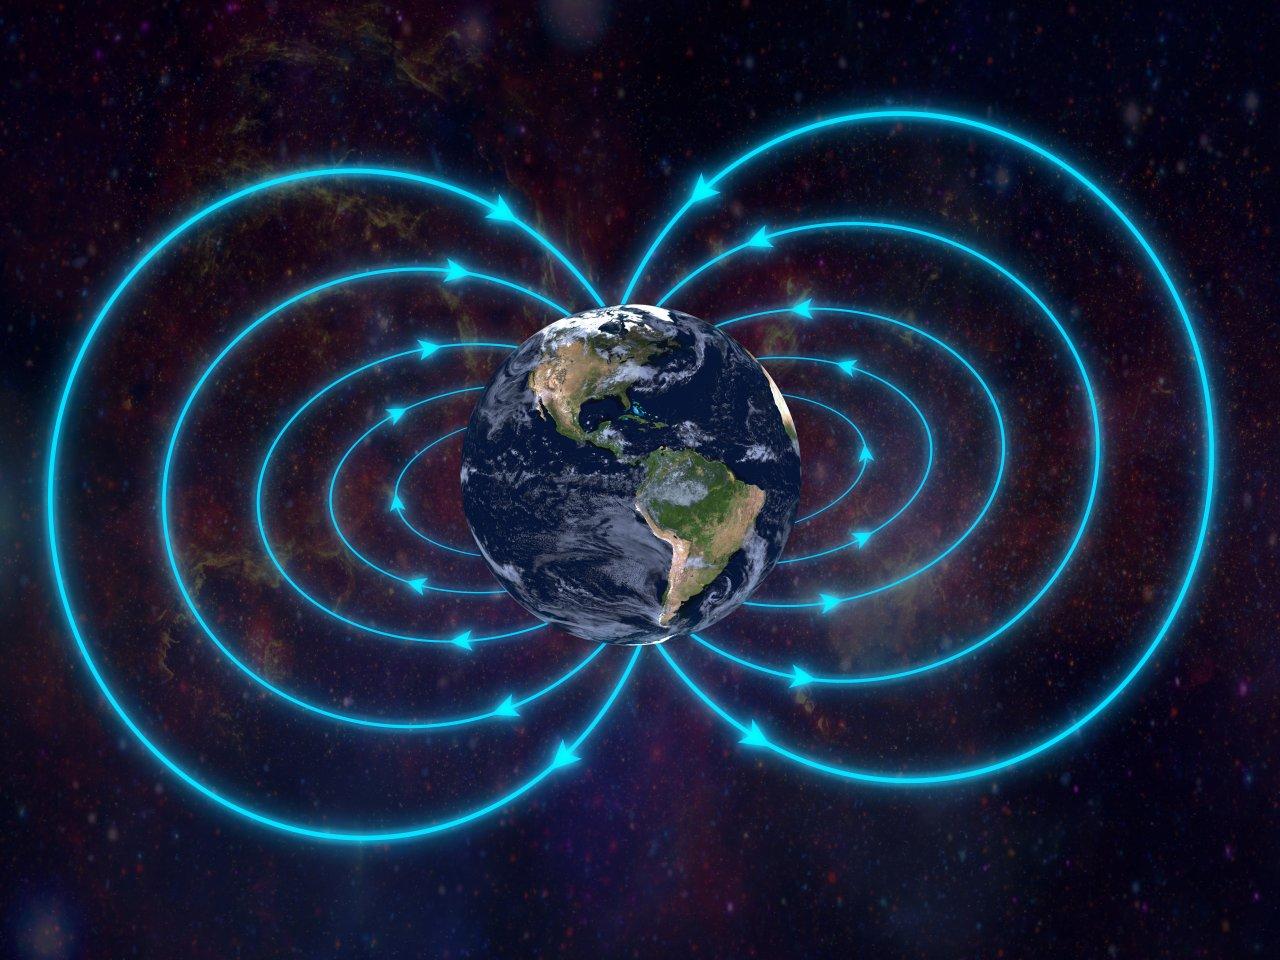 Fällt das Magnetfeld der Erde weg, würde ein Kompass nicht mehr funktionieren.